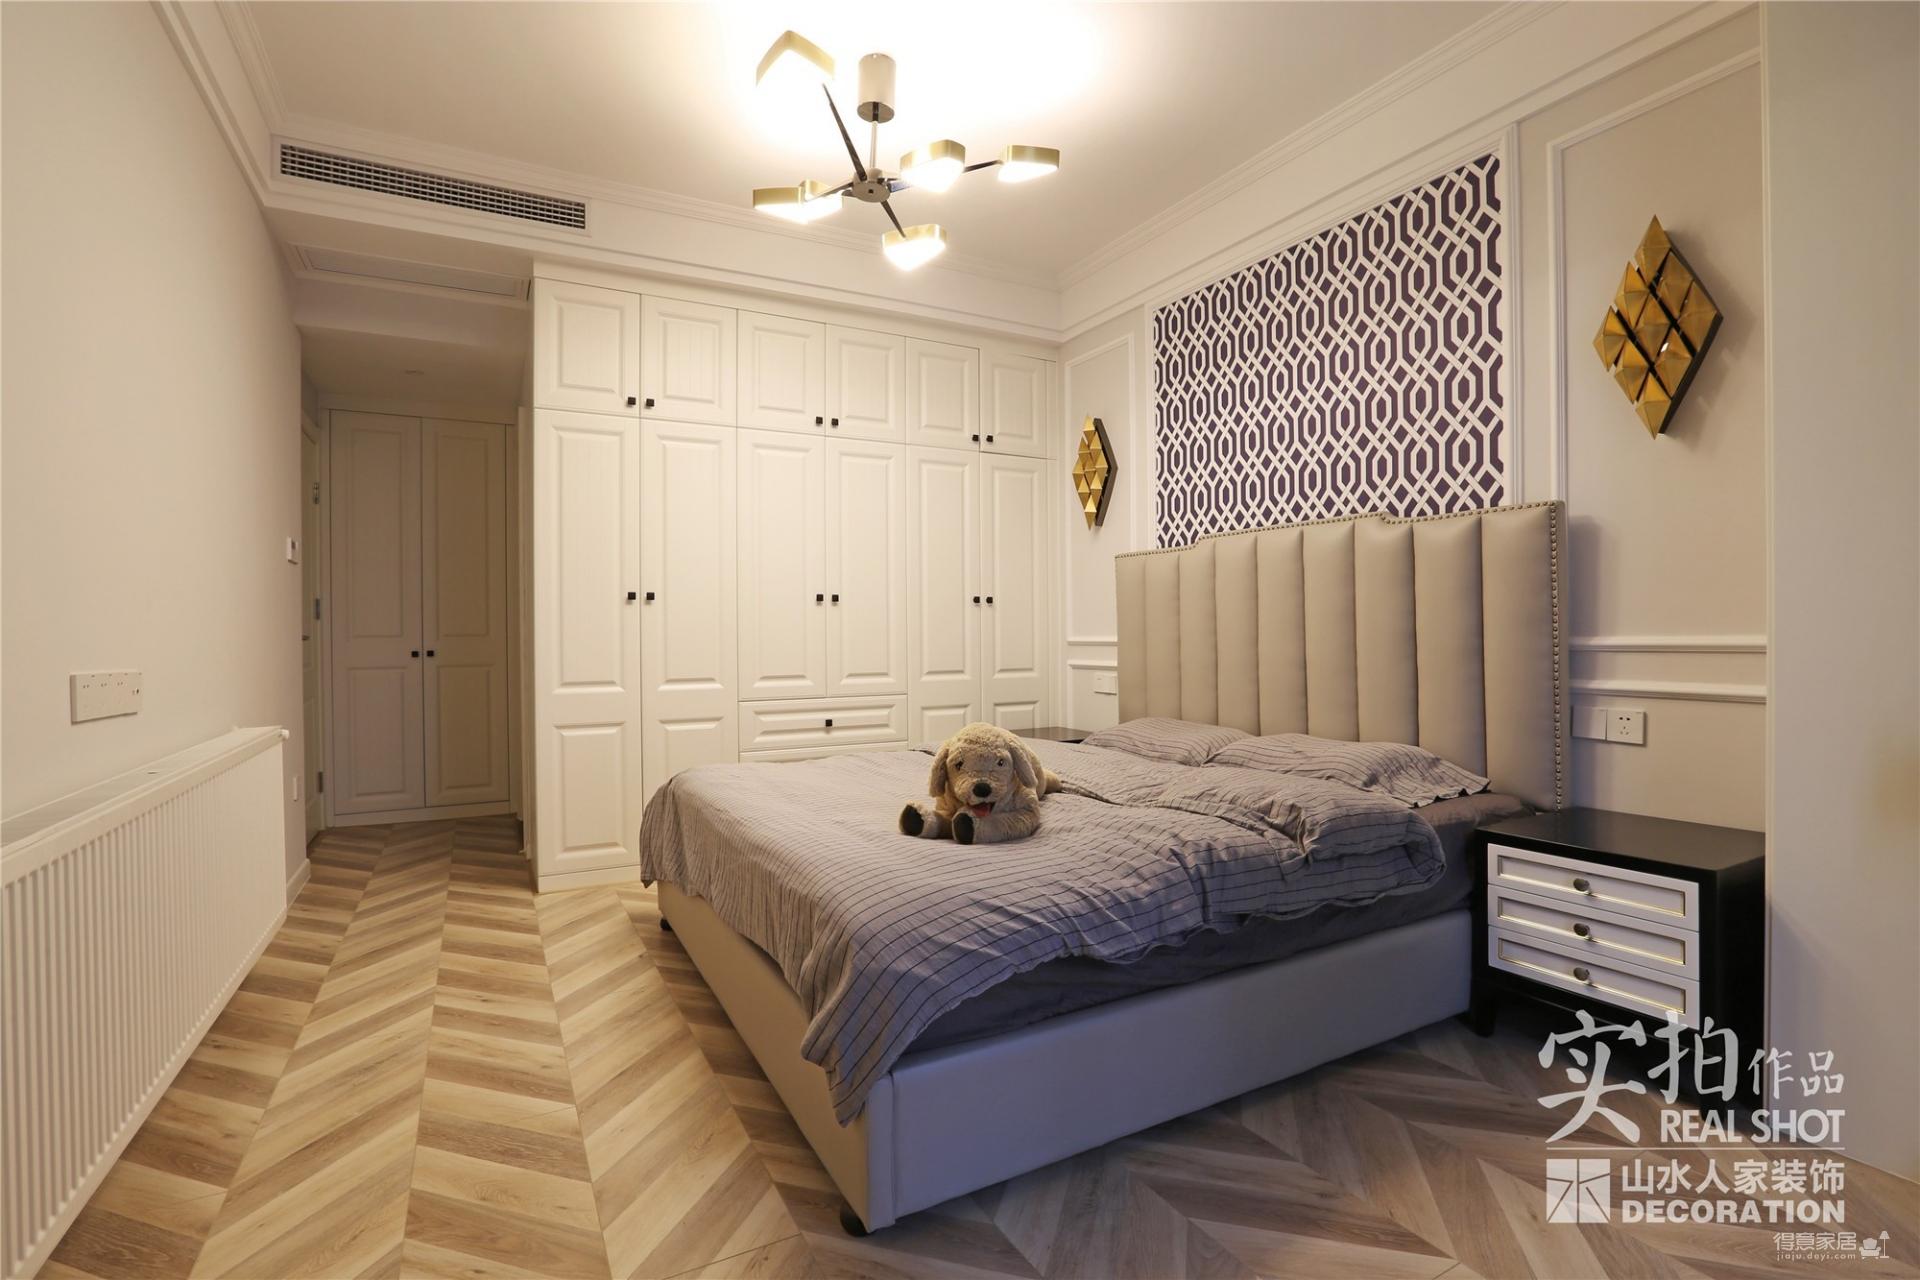 三室两厅126美式轻奢图_15